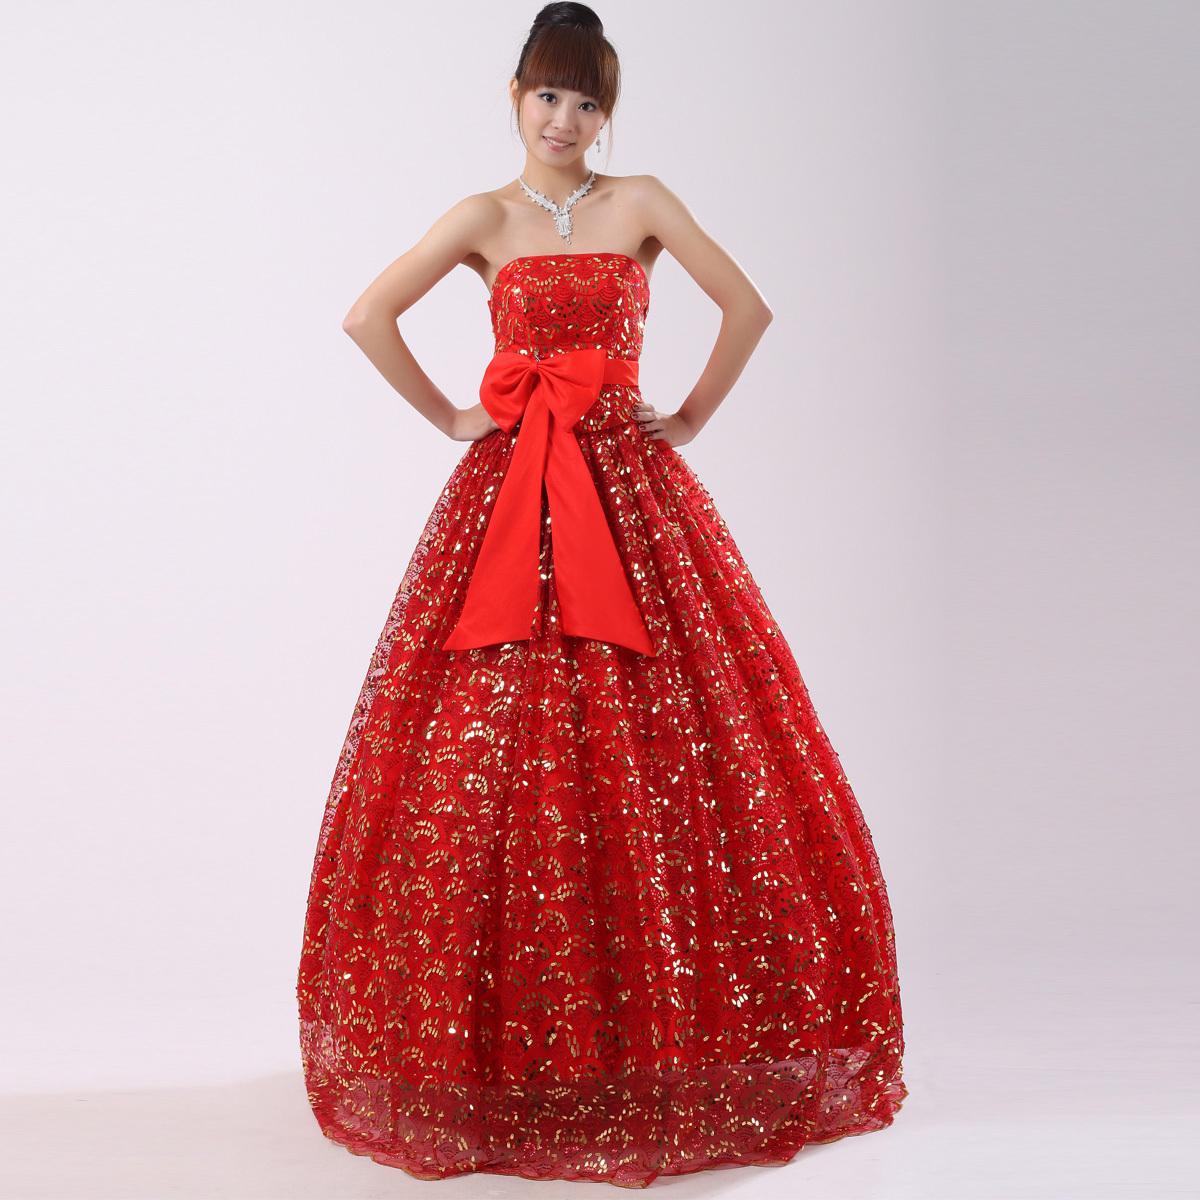 Свадебное платье Love me, the bride HS25 2012 Кружево Принцесса с кринолином Корейский